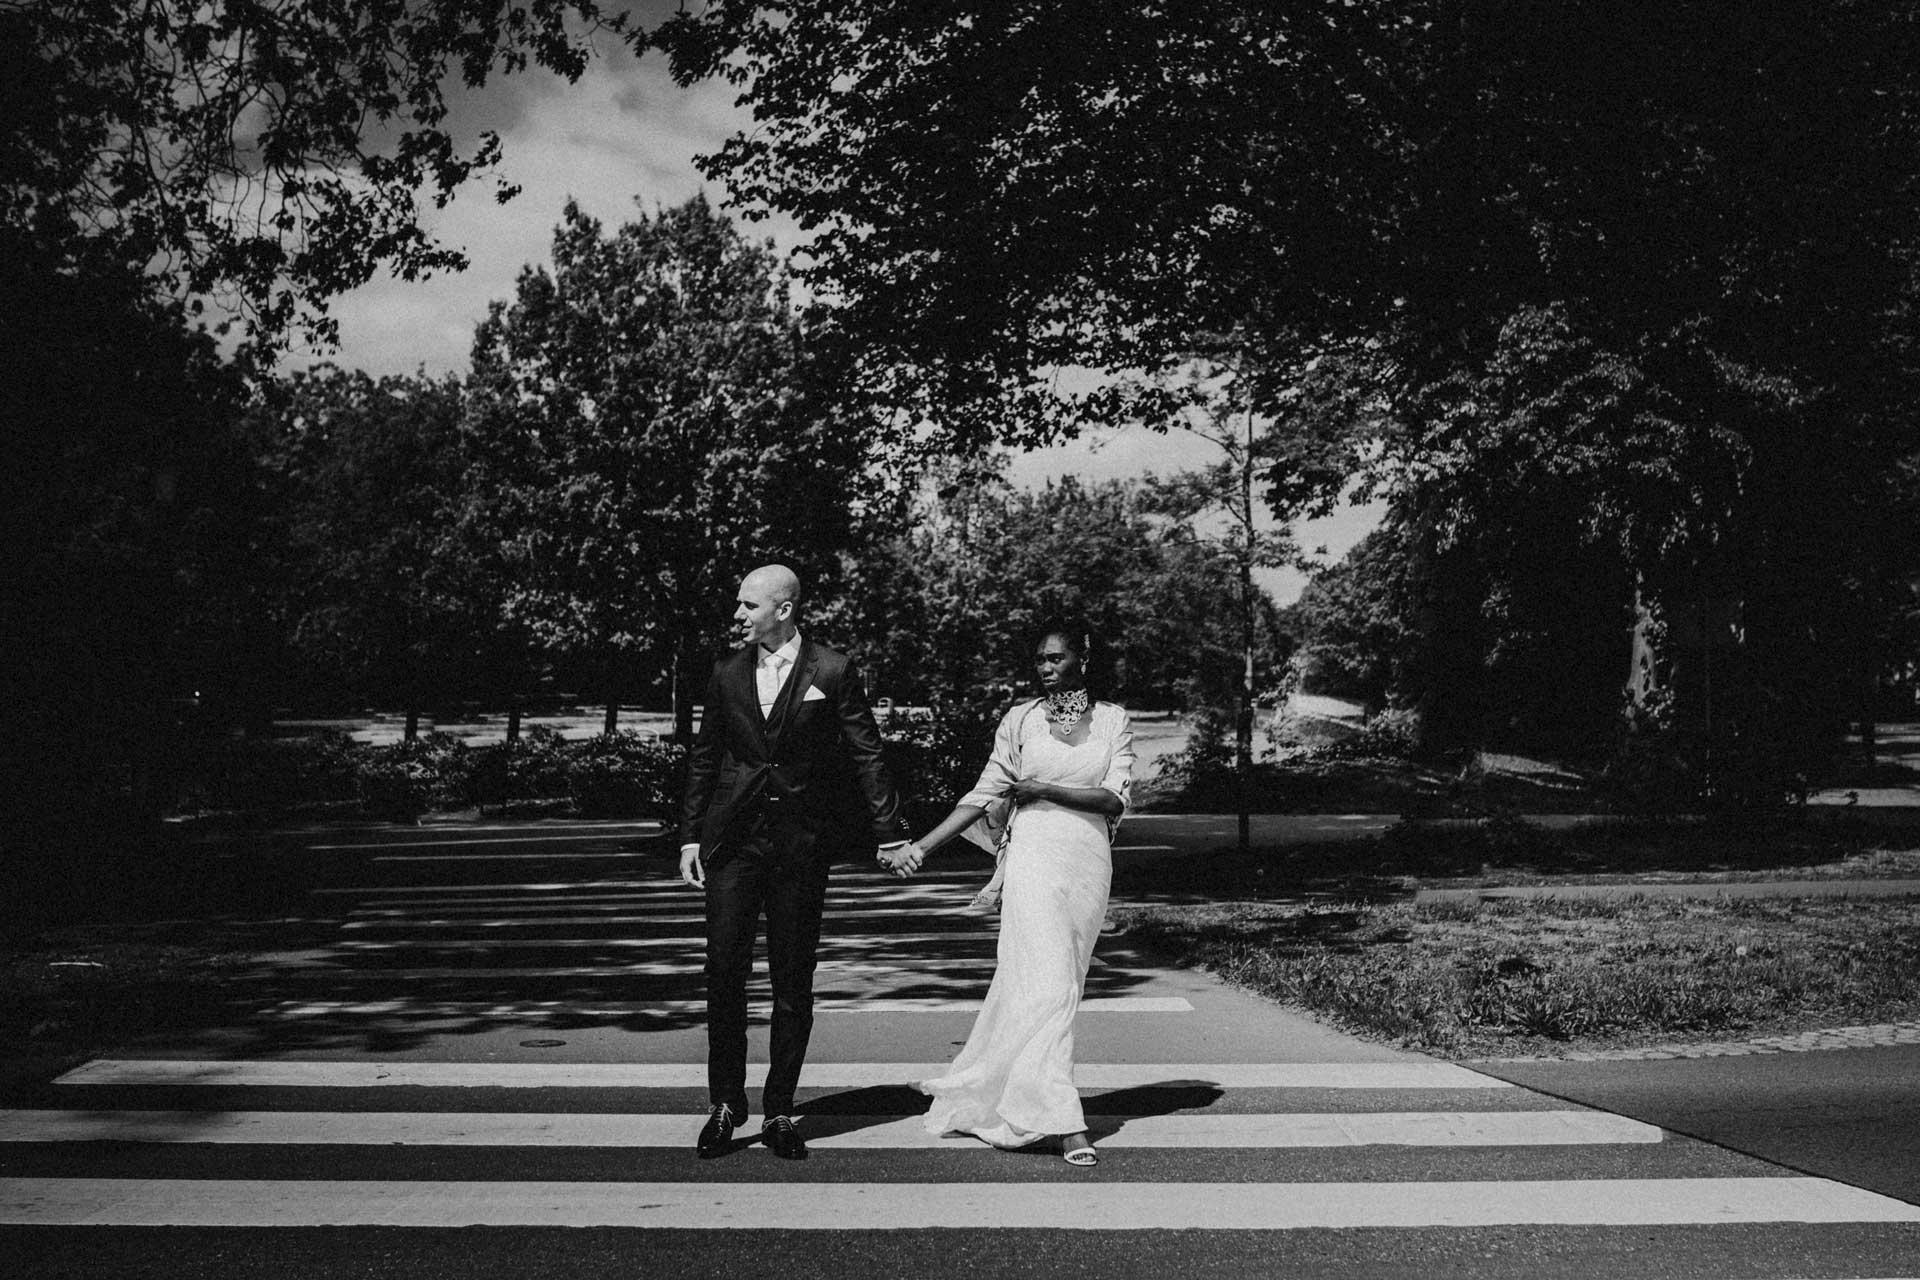 Trouwfotografie in park Berg en Bos Apeldoorn, Gelderland, zwartwit op zebrapad